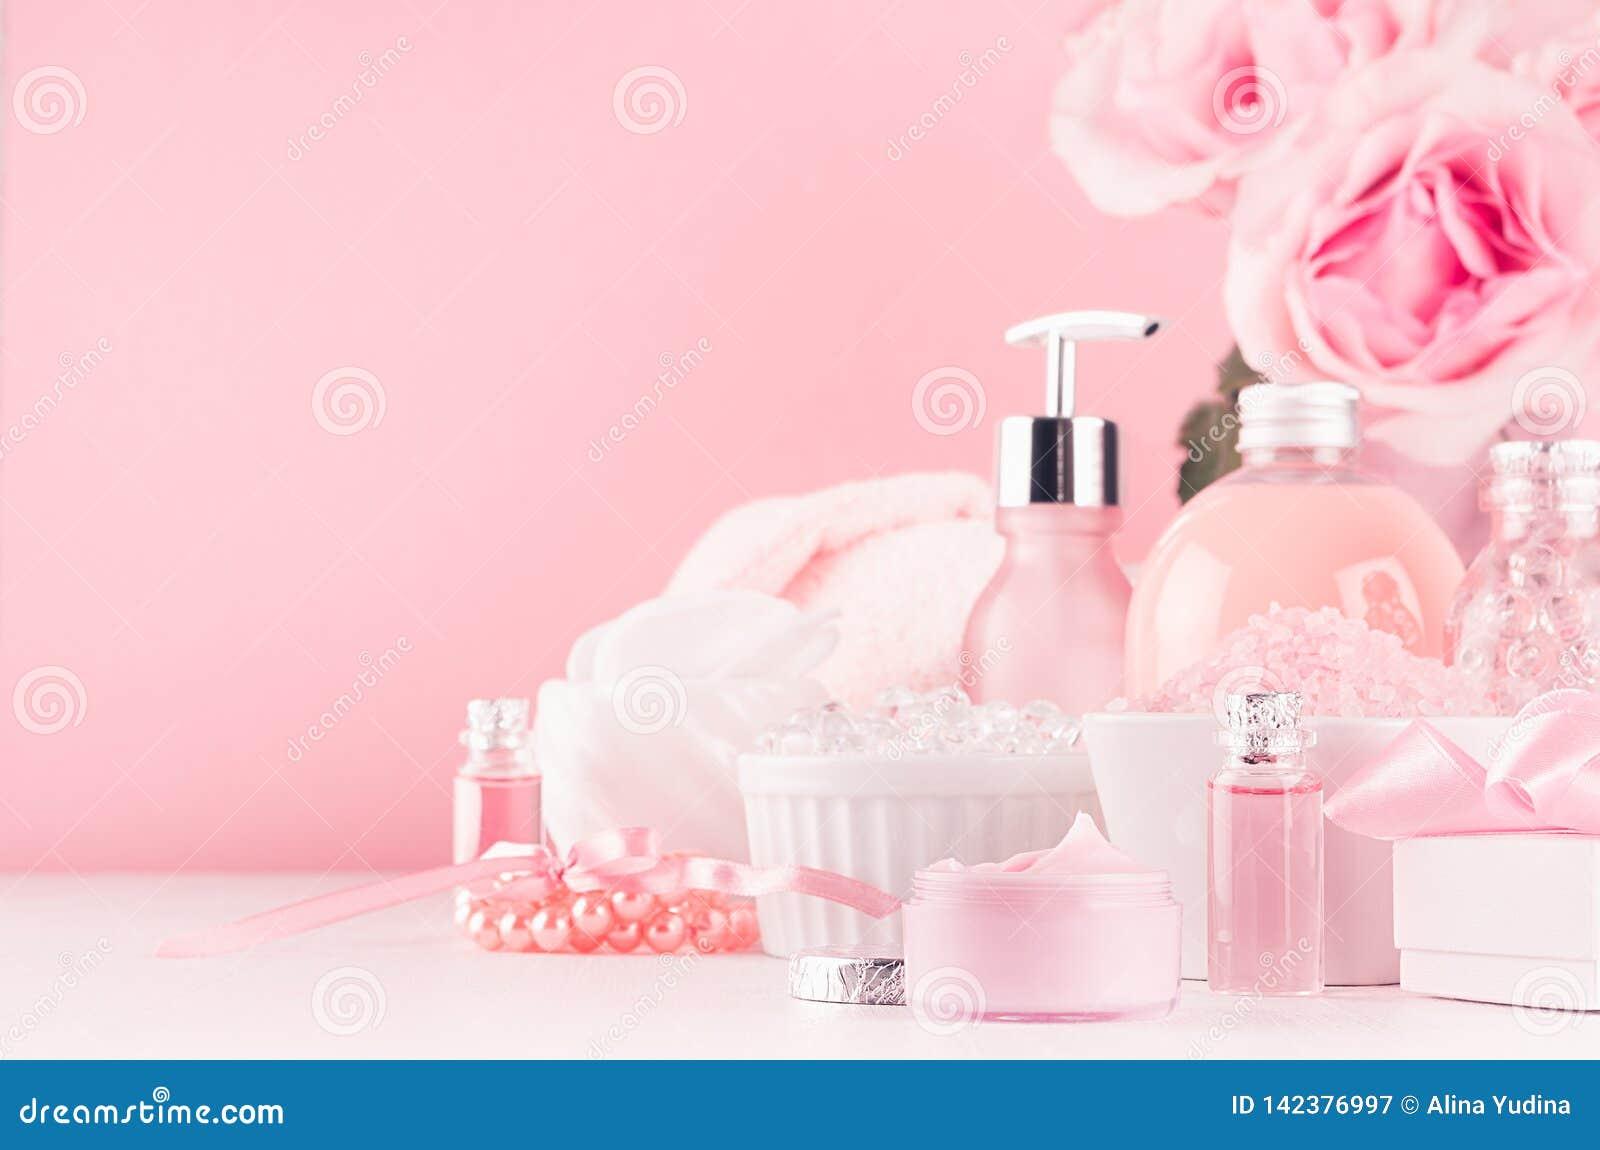 Modern zacht meisjesachtig badkamersdecor - schoonheidsmiddelen voor bad en kuuroord, boeket van rozen, badtoebehoren, juwelen op